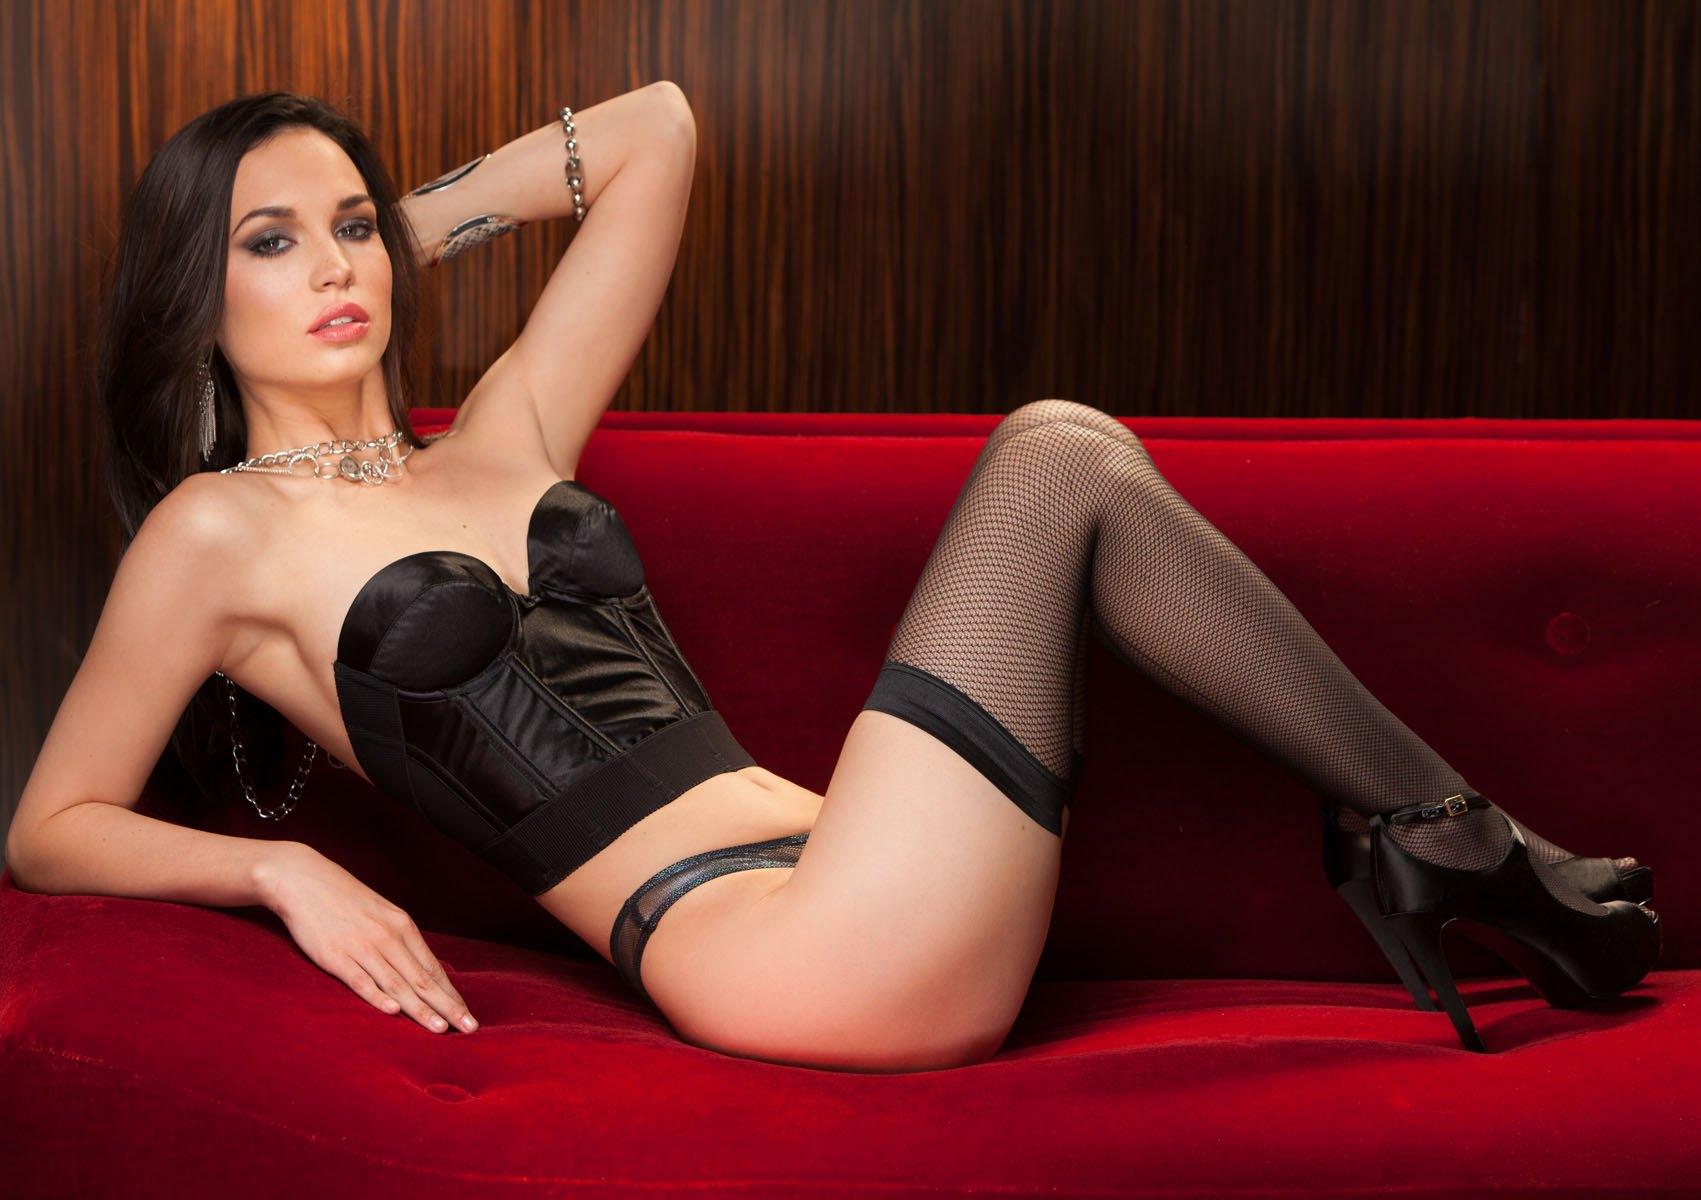 Фото шемале проституток приморский край проститутки